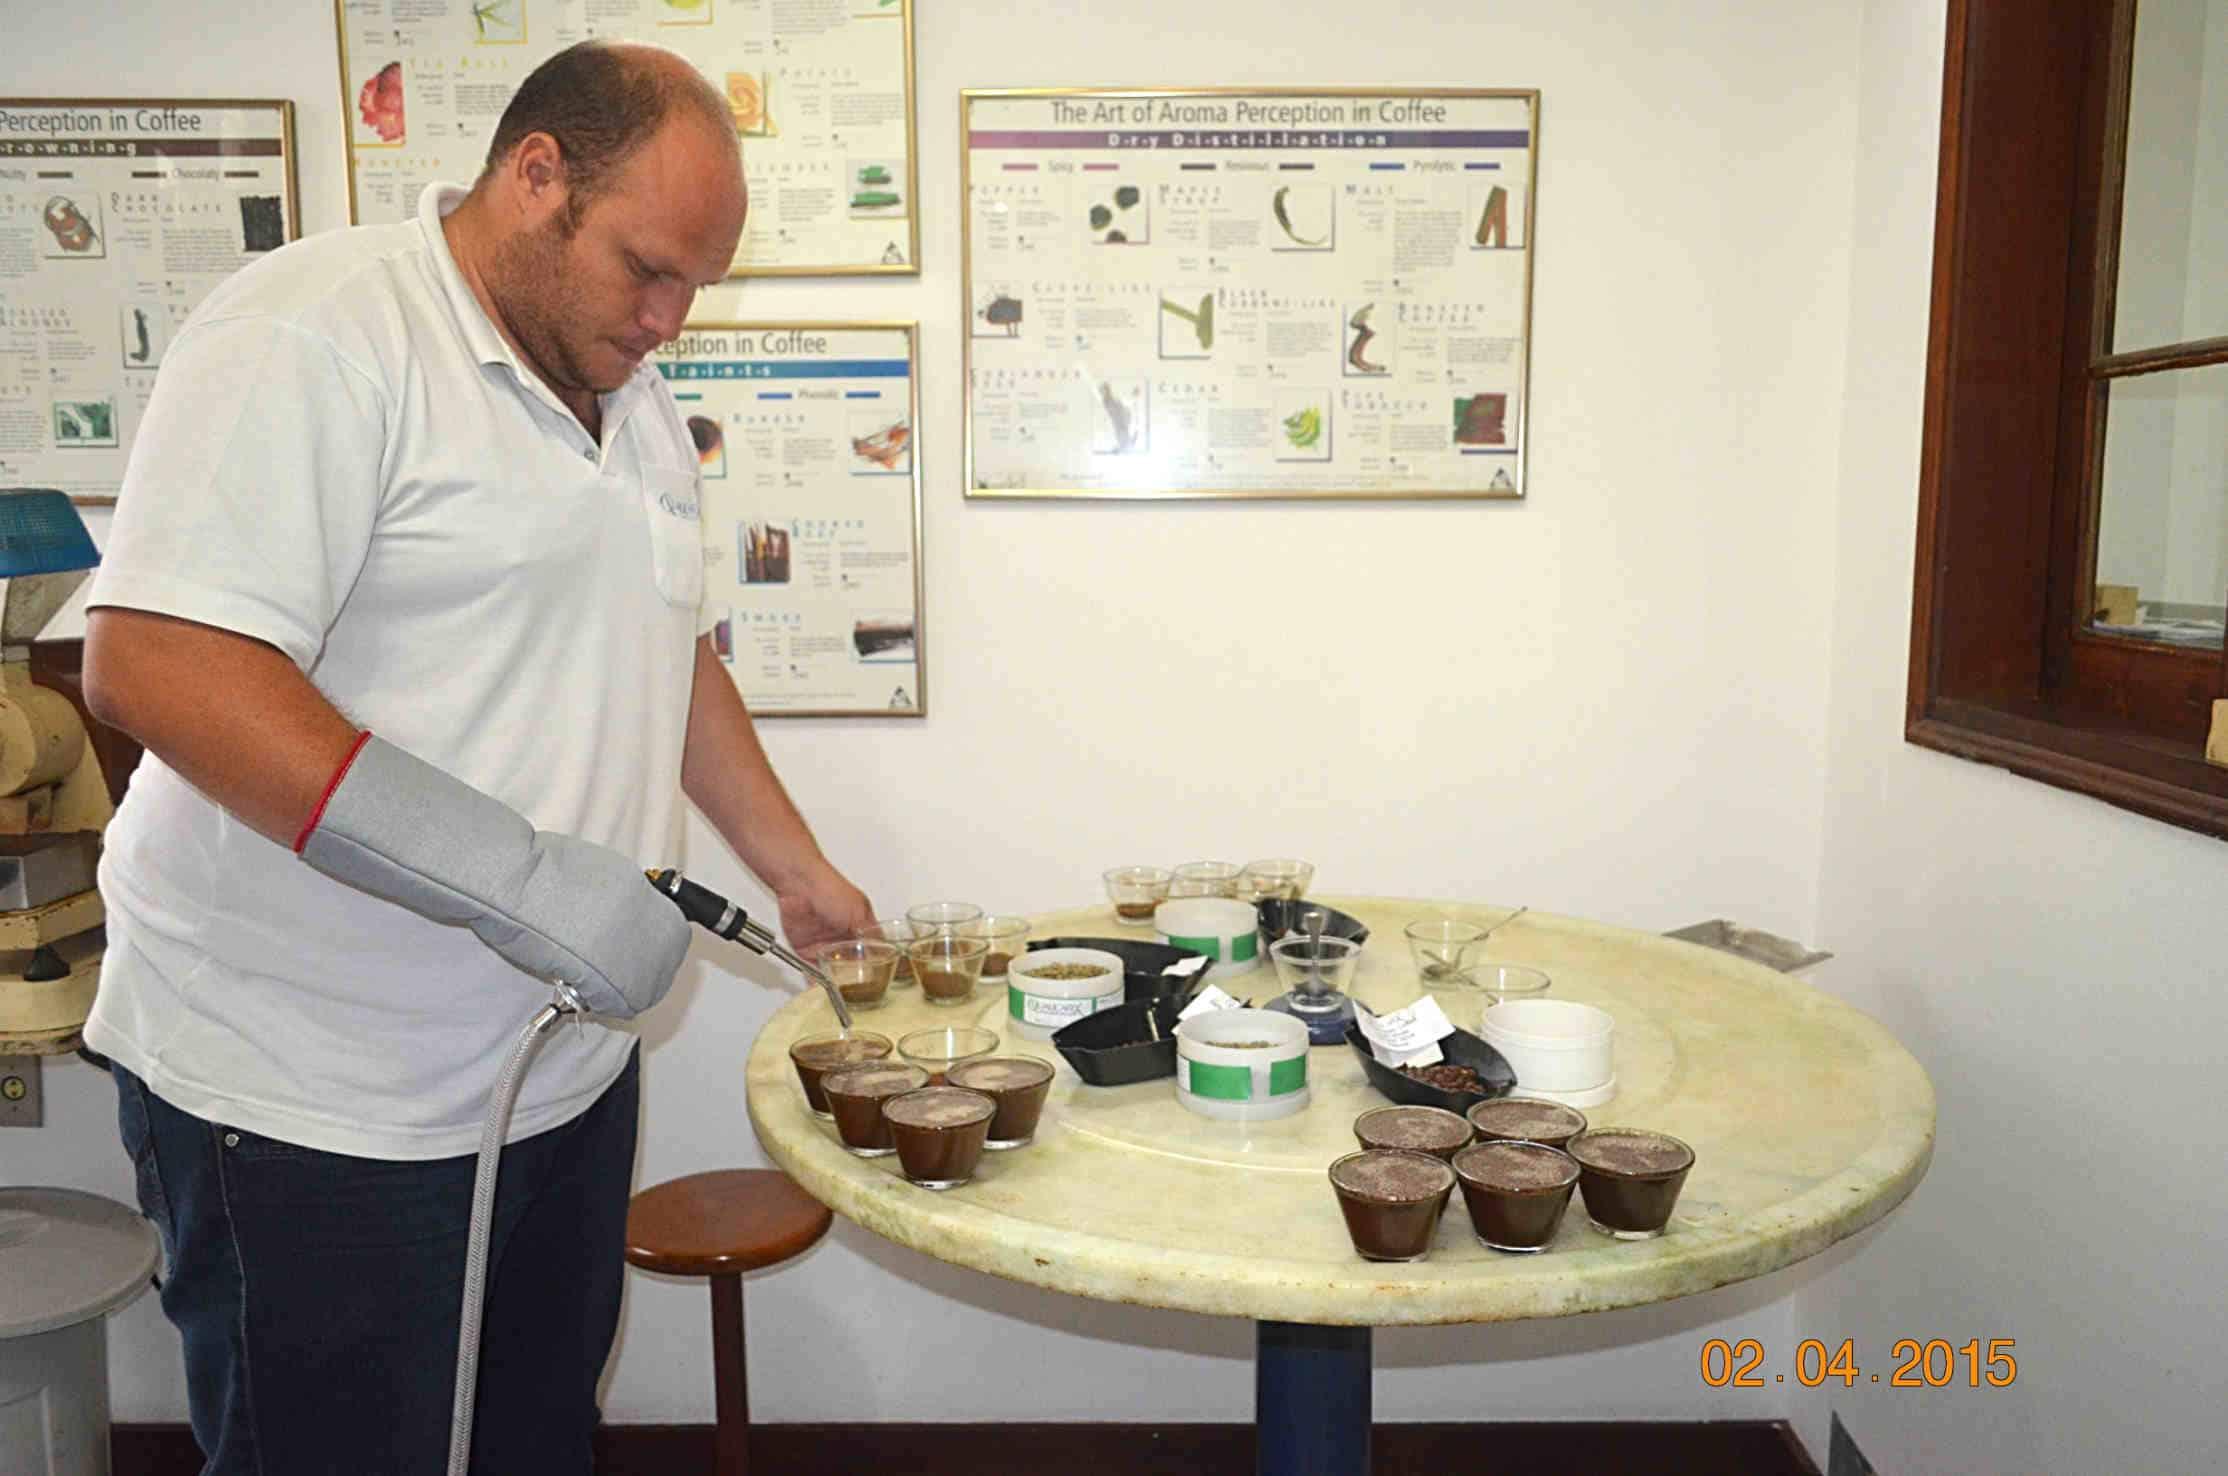 Cupping w Brazylii – Przygotowania do cuppingu w firmie Qualicafex w Espirito Santo do Pinhal, gdzie nasz pracownik odbył szkolenie z zakresu gradingu i cupppingu.